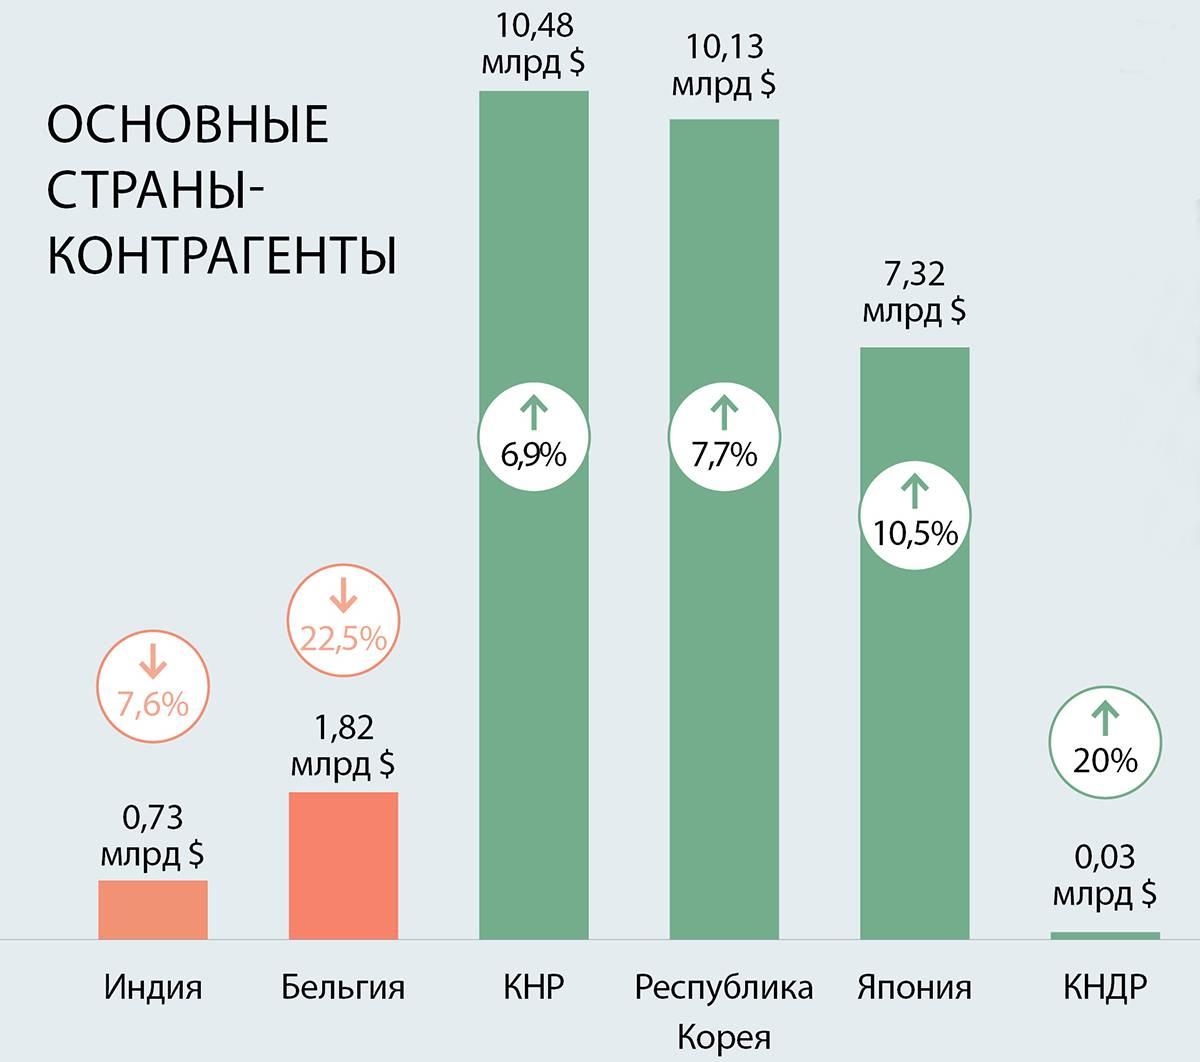 Виза в южную корею для россиян 2020, разрешение на въезд f4 в страну, список необходимых документов для рабочей в сеул